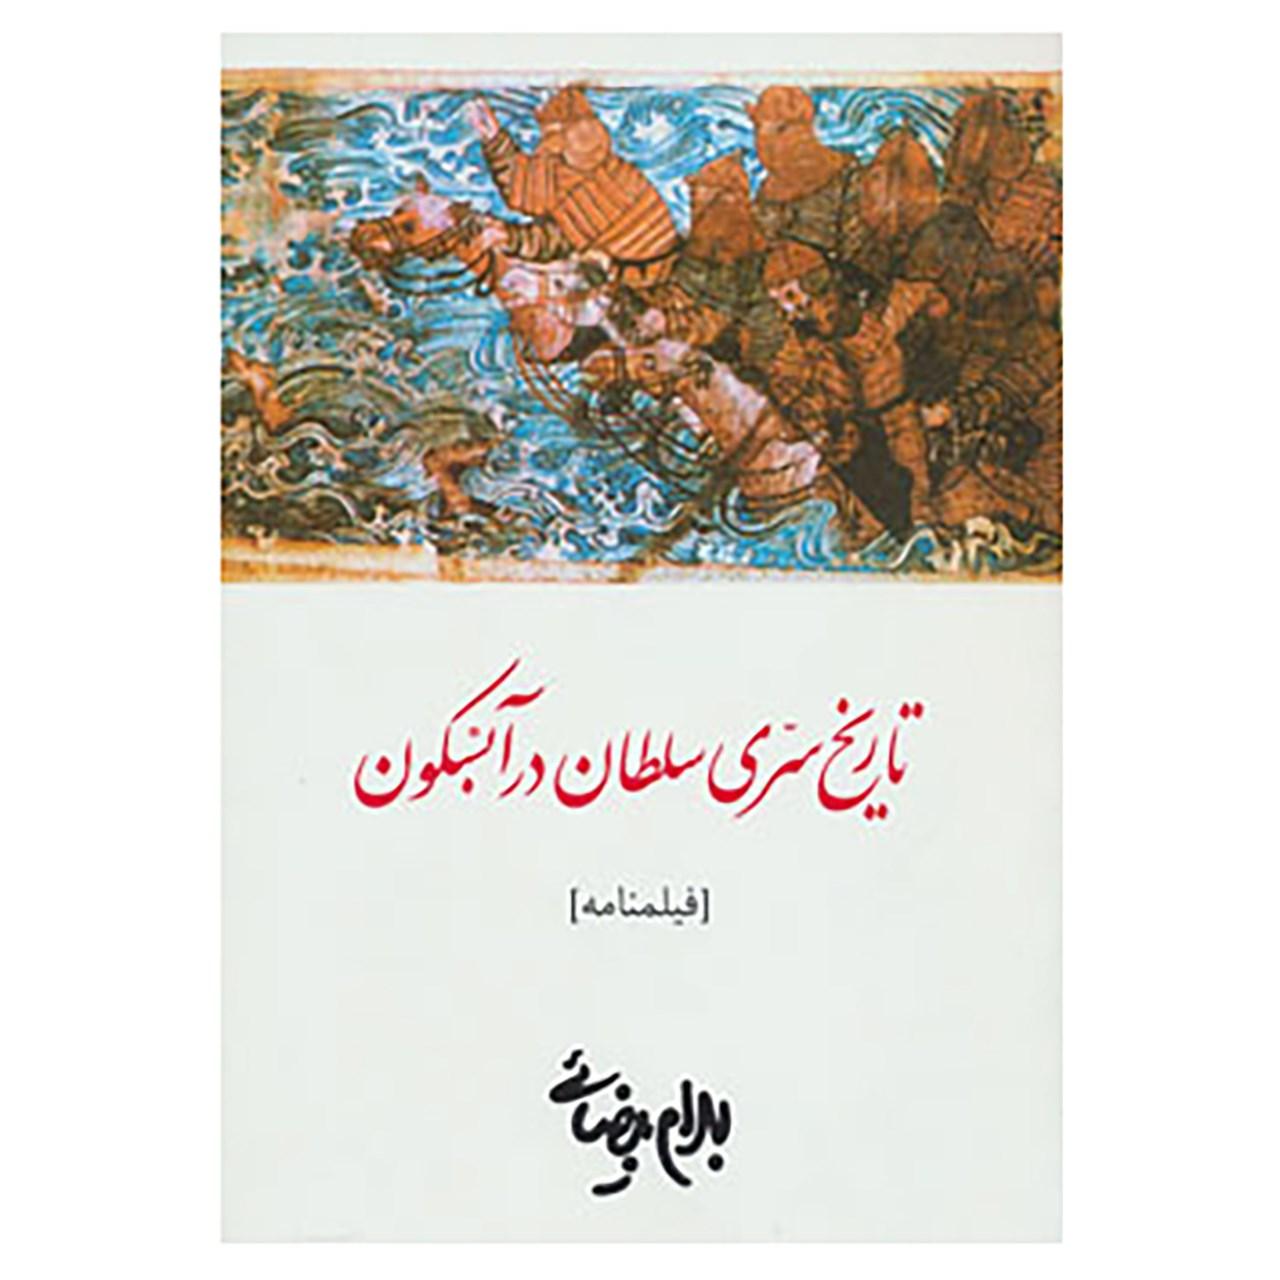 خرید                      کتاب فیلمنامه تاریخ سری سلطان در آبسکون اثر بهرام بیضایی